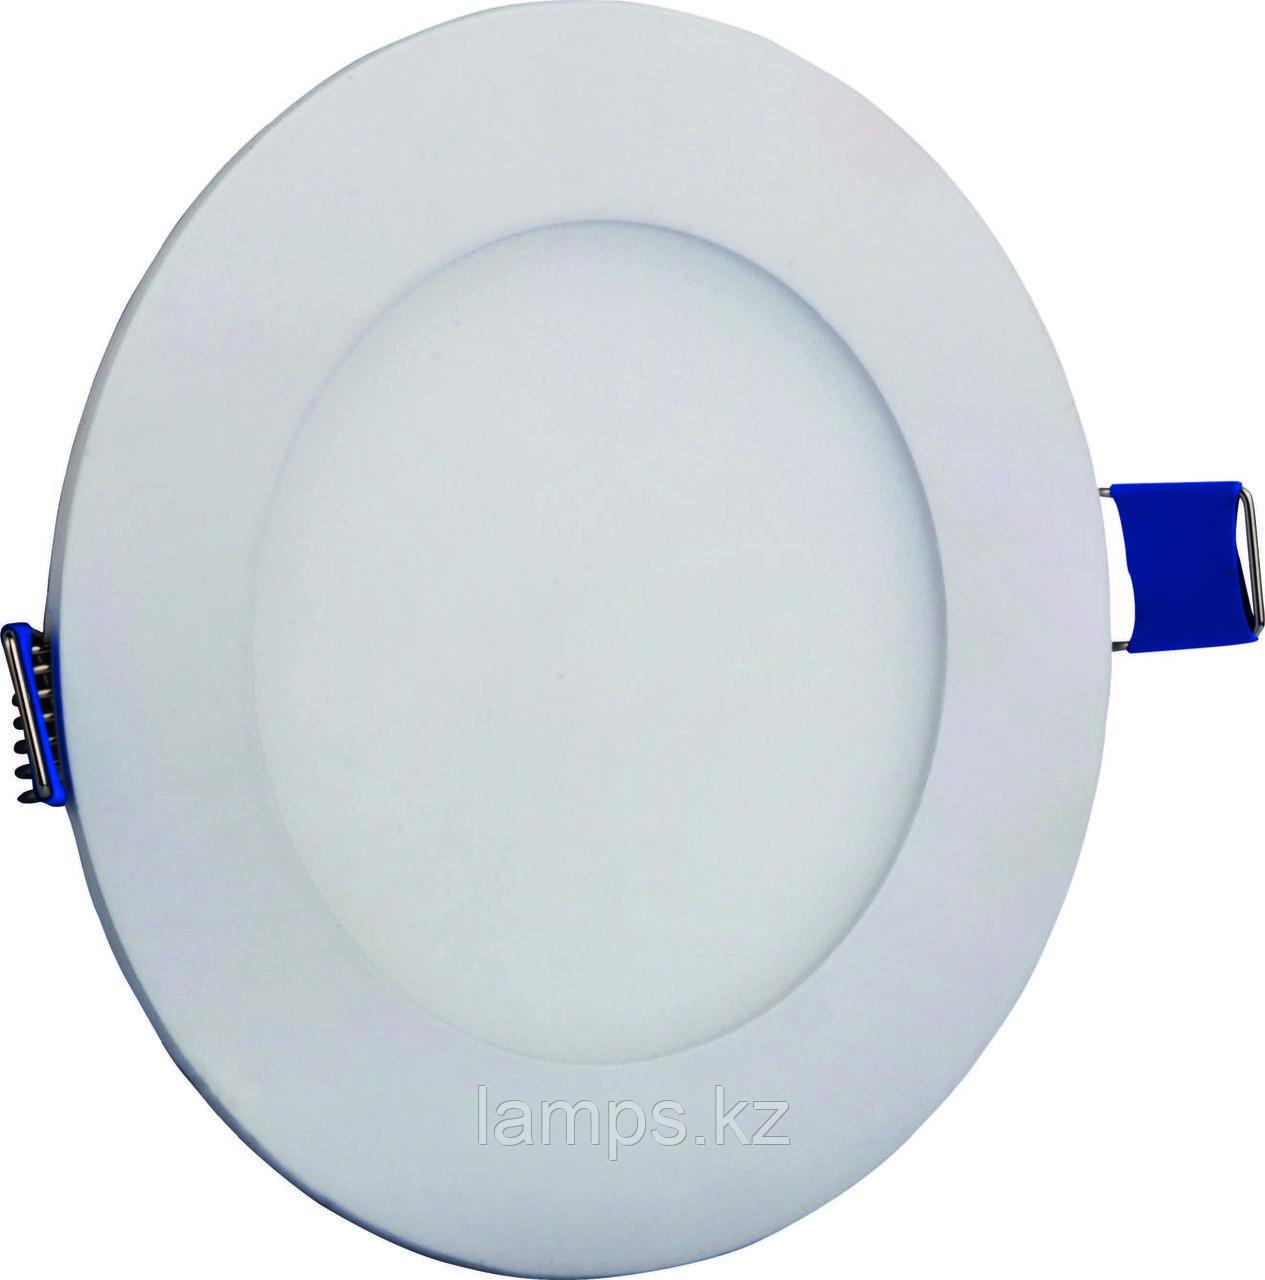 Светодиодная встраиваемая панель круглая LENA-RX/6W/SMD/6000K/Φ105MM/CBOX/LED PANEL